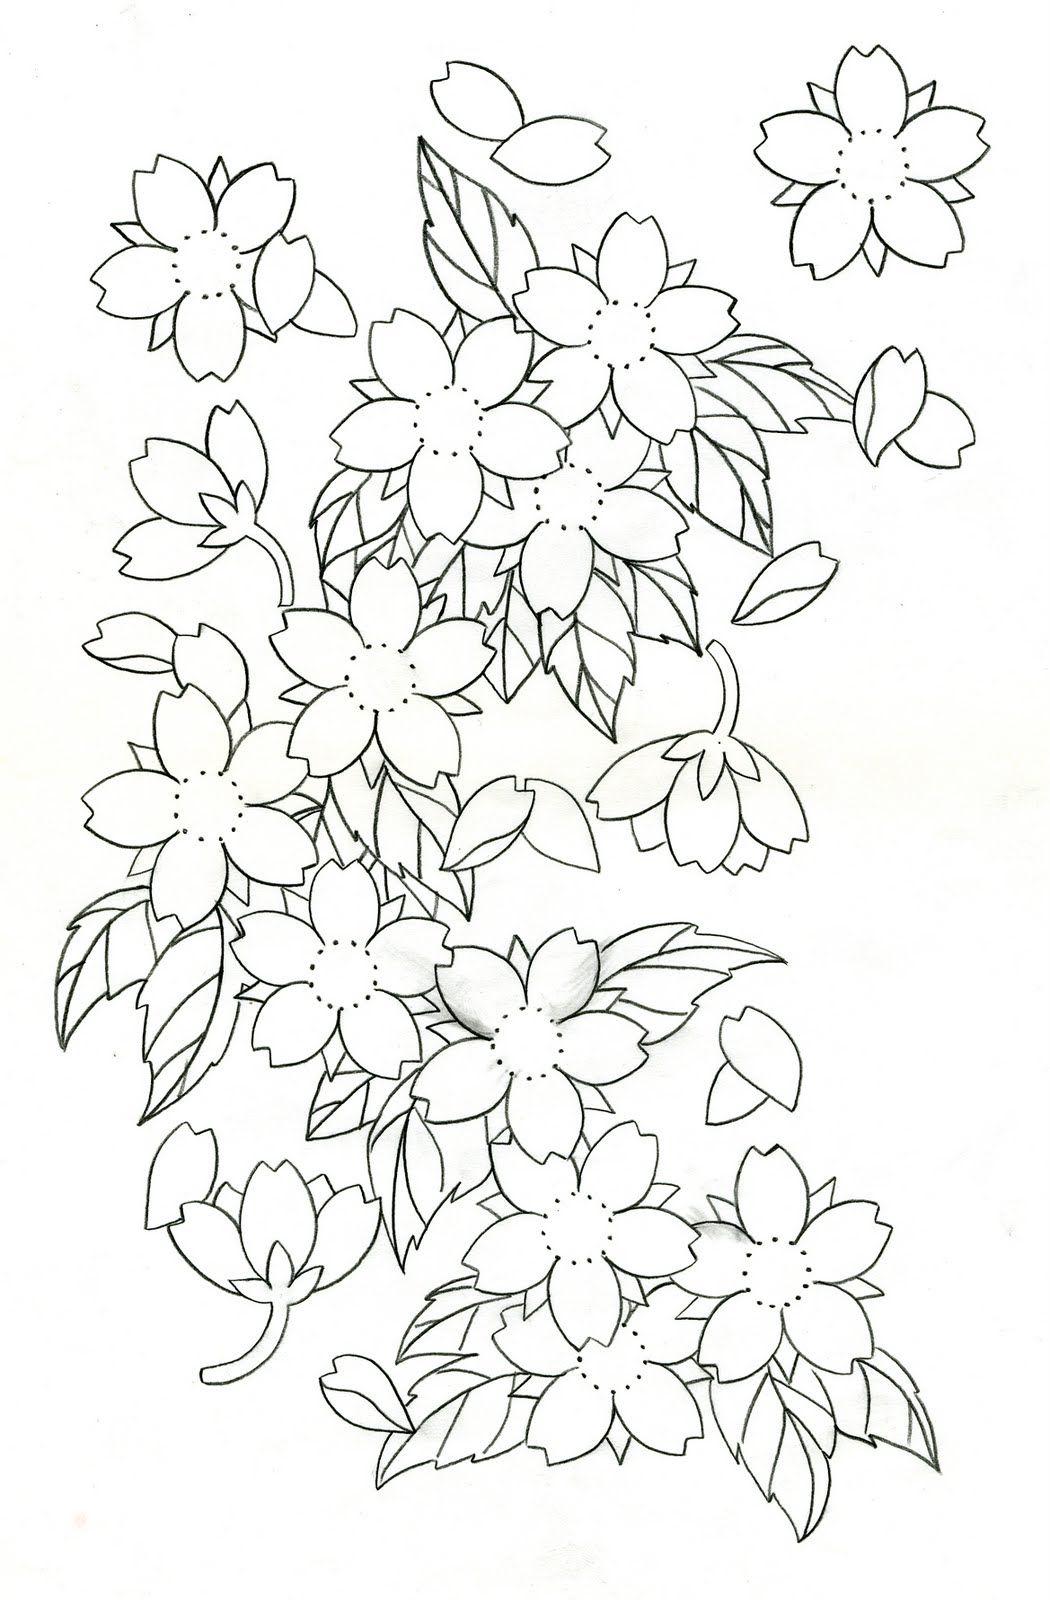 Cherry Blossom Tattoo Designs Cherry Blossoms Disigin Ideas